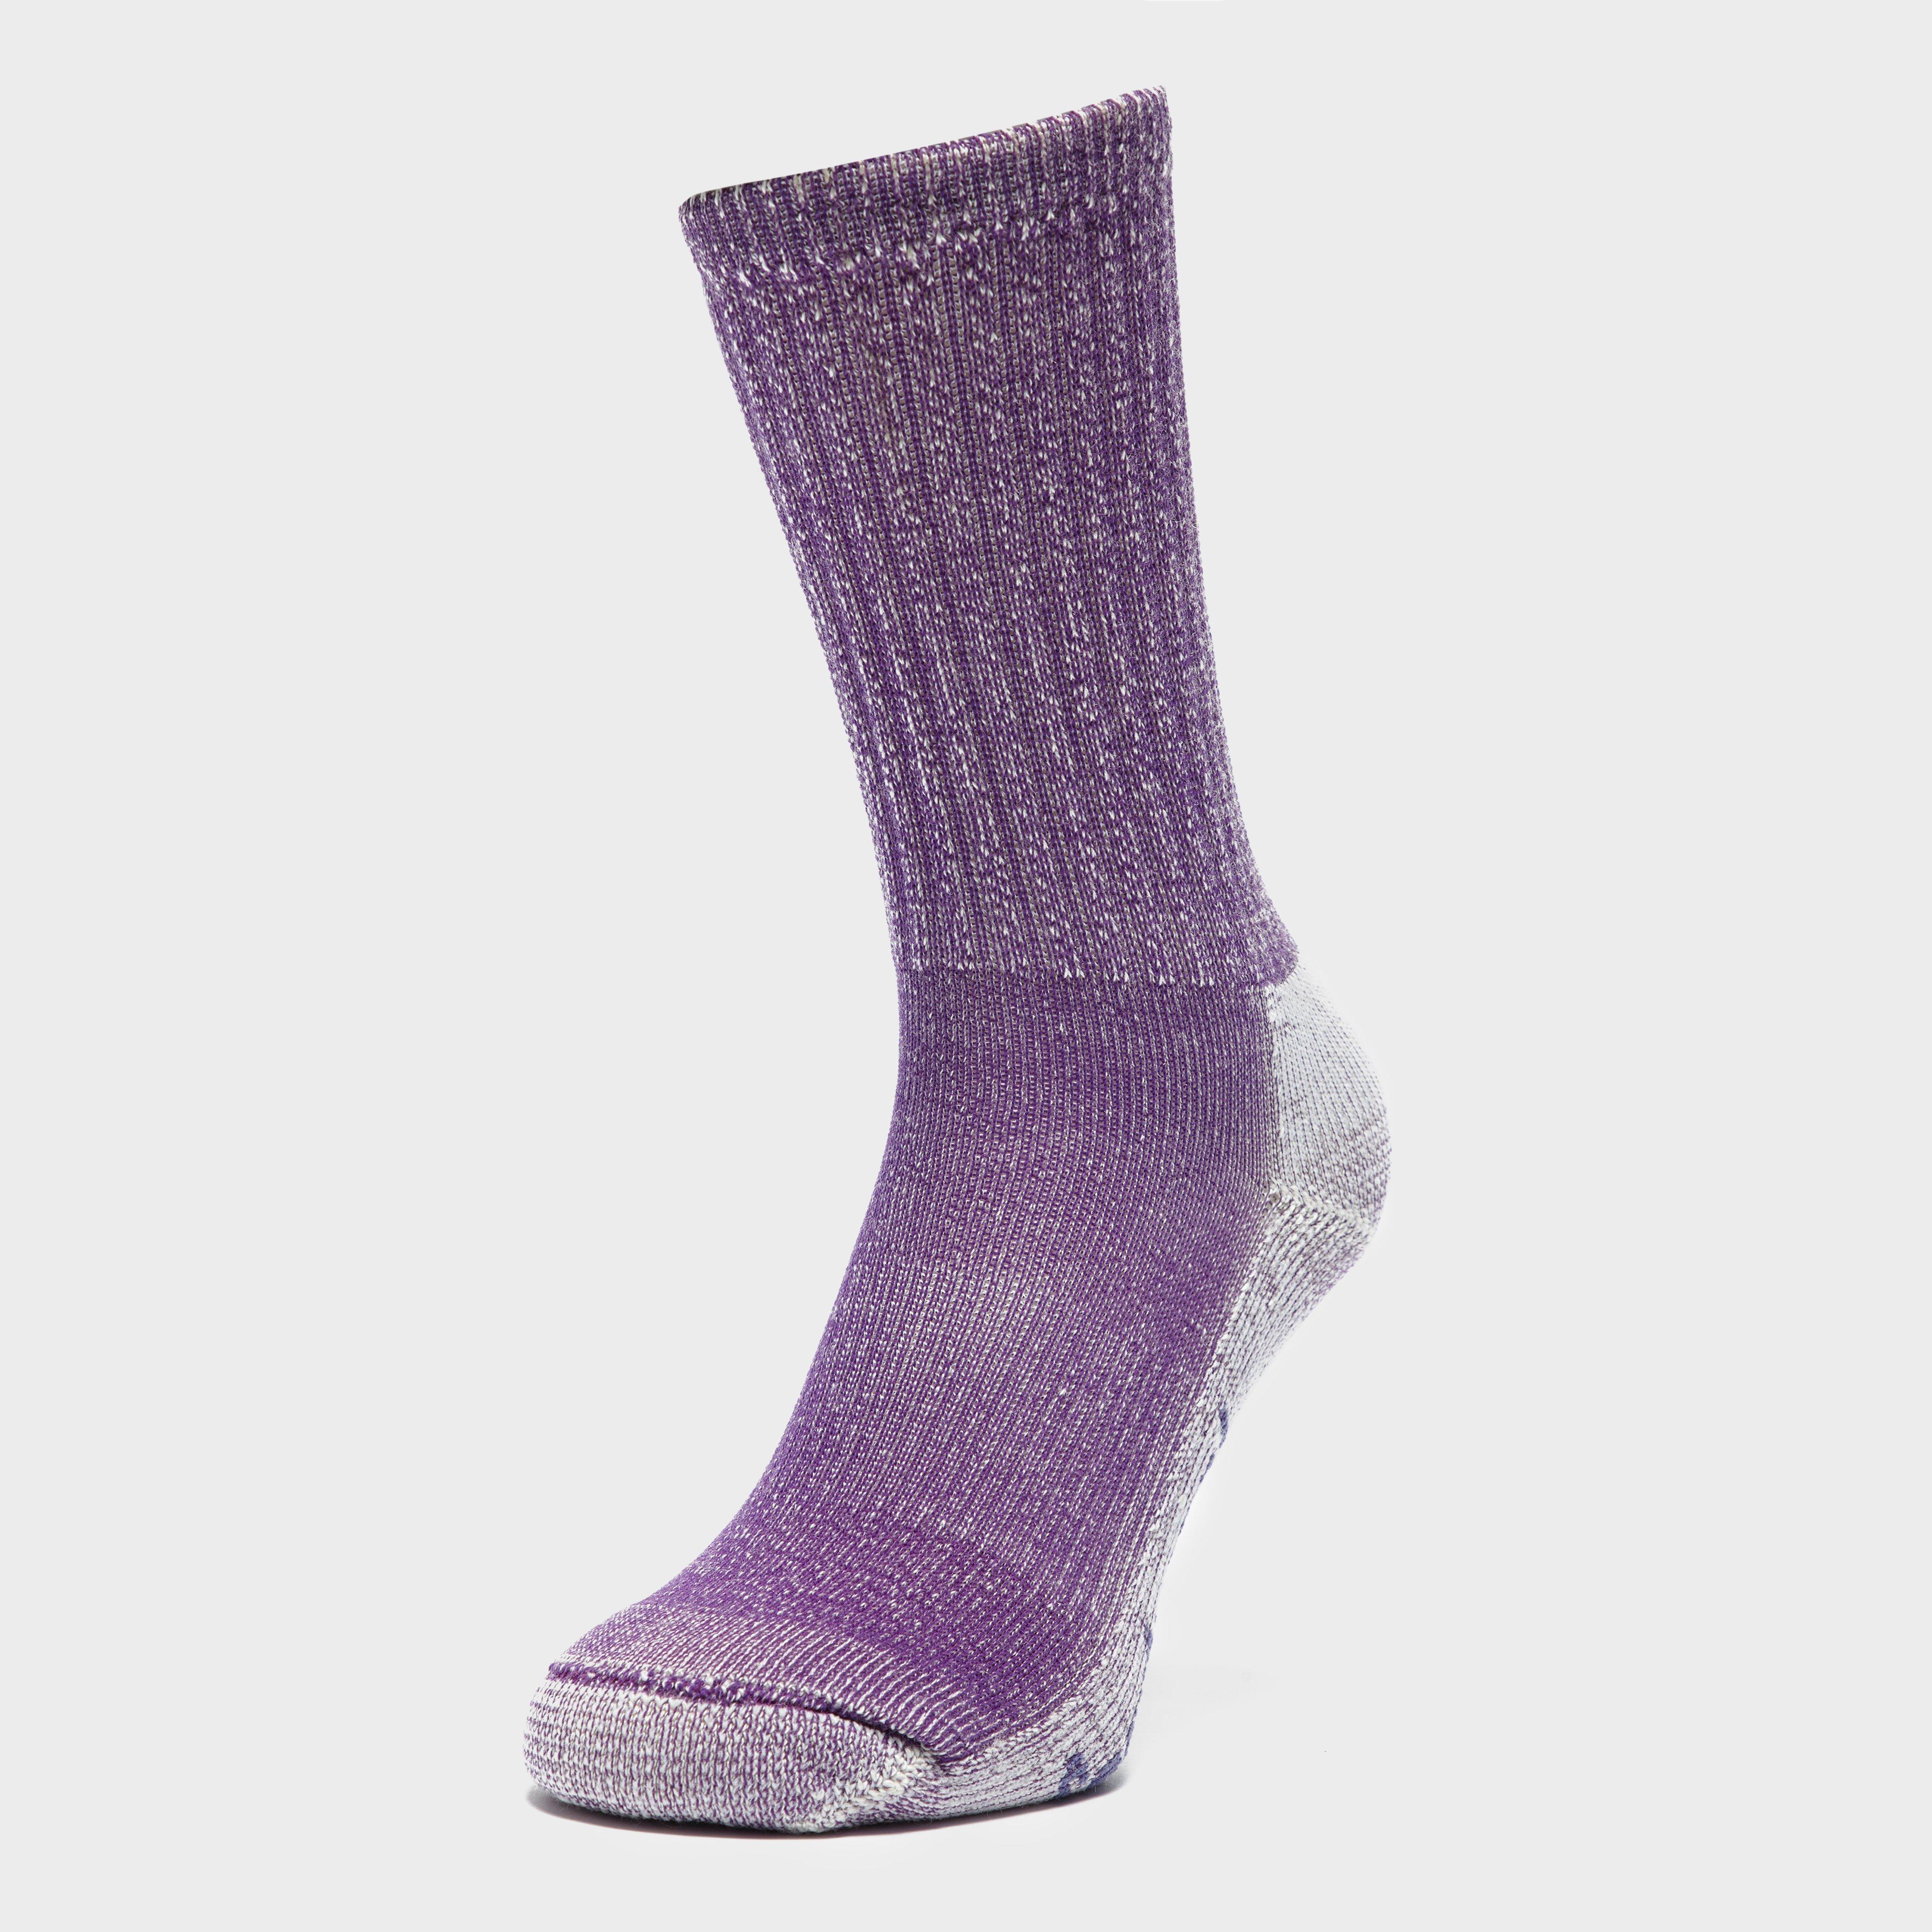 Smartwool Women's Hike Light Crew Socks, Purple